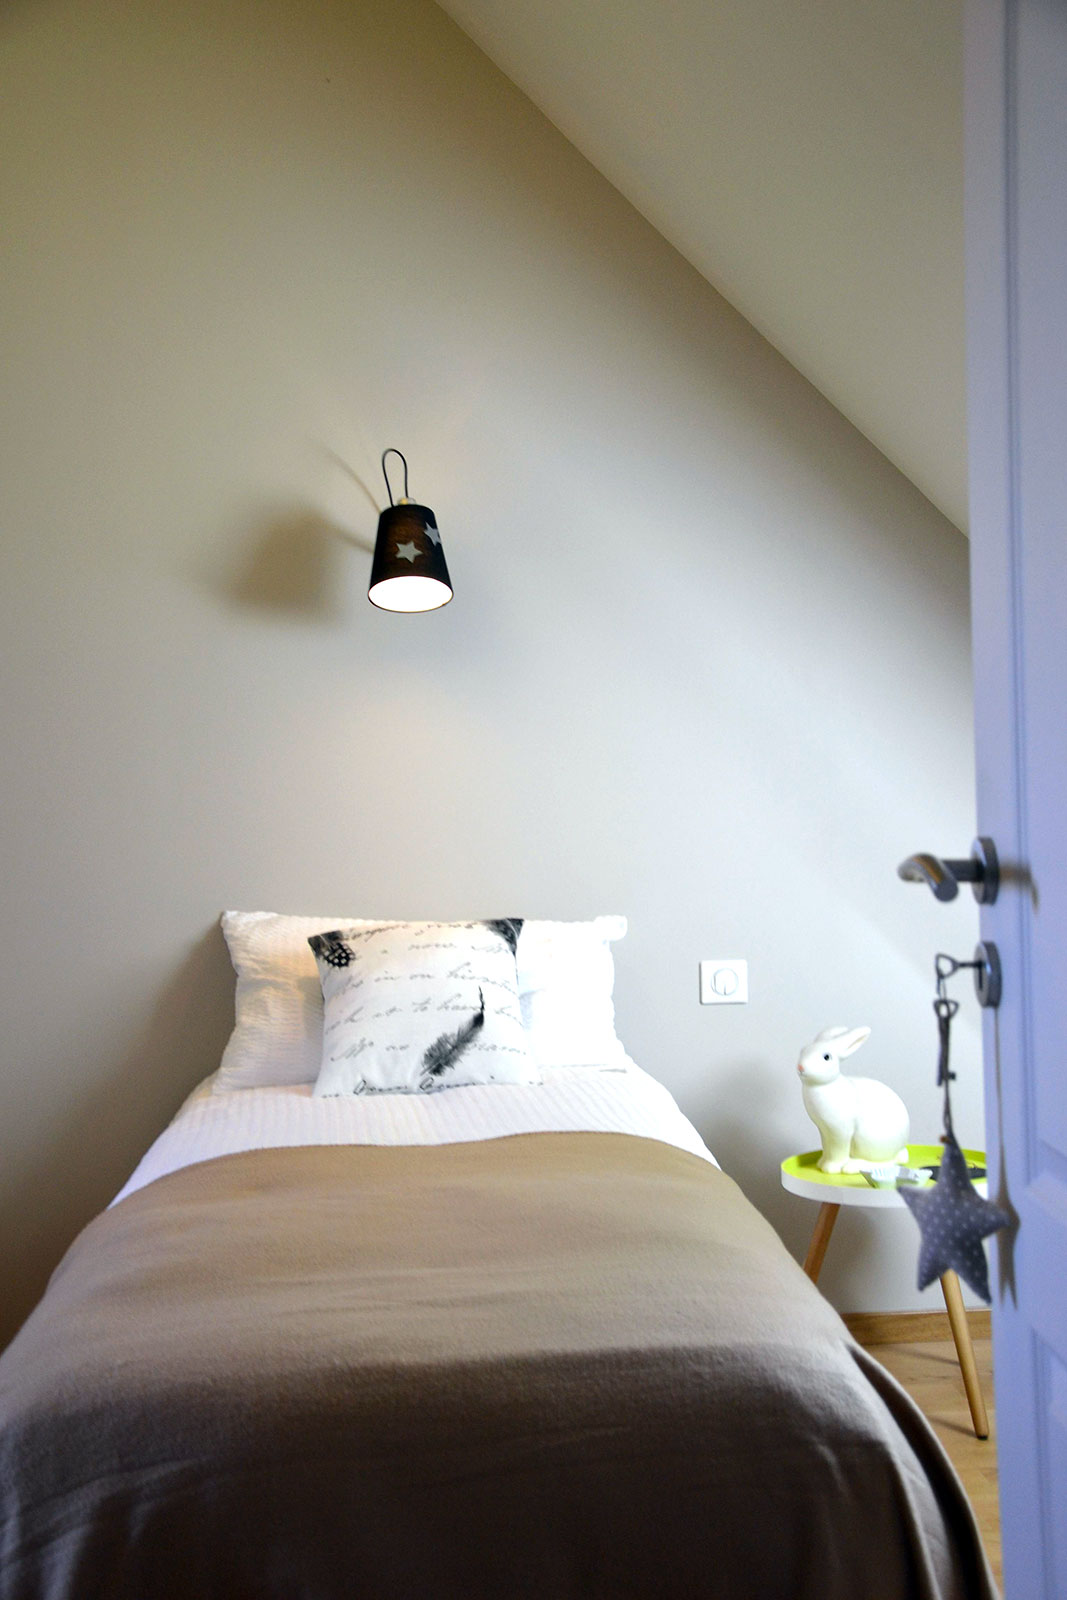 2 chambres d 39 hotes de charme saint jean de livet pr s de lisieux. Black Bedroom Furniture Sets. Home Design Ideas